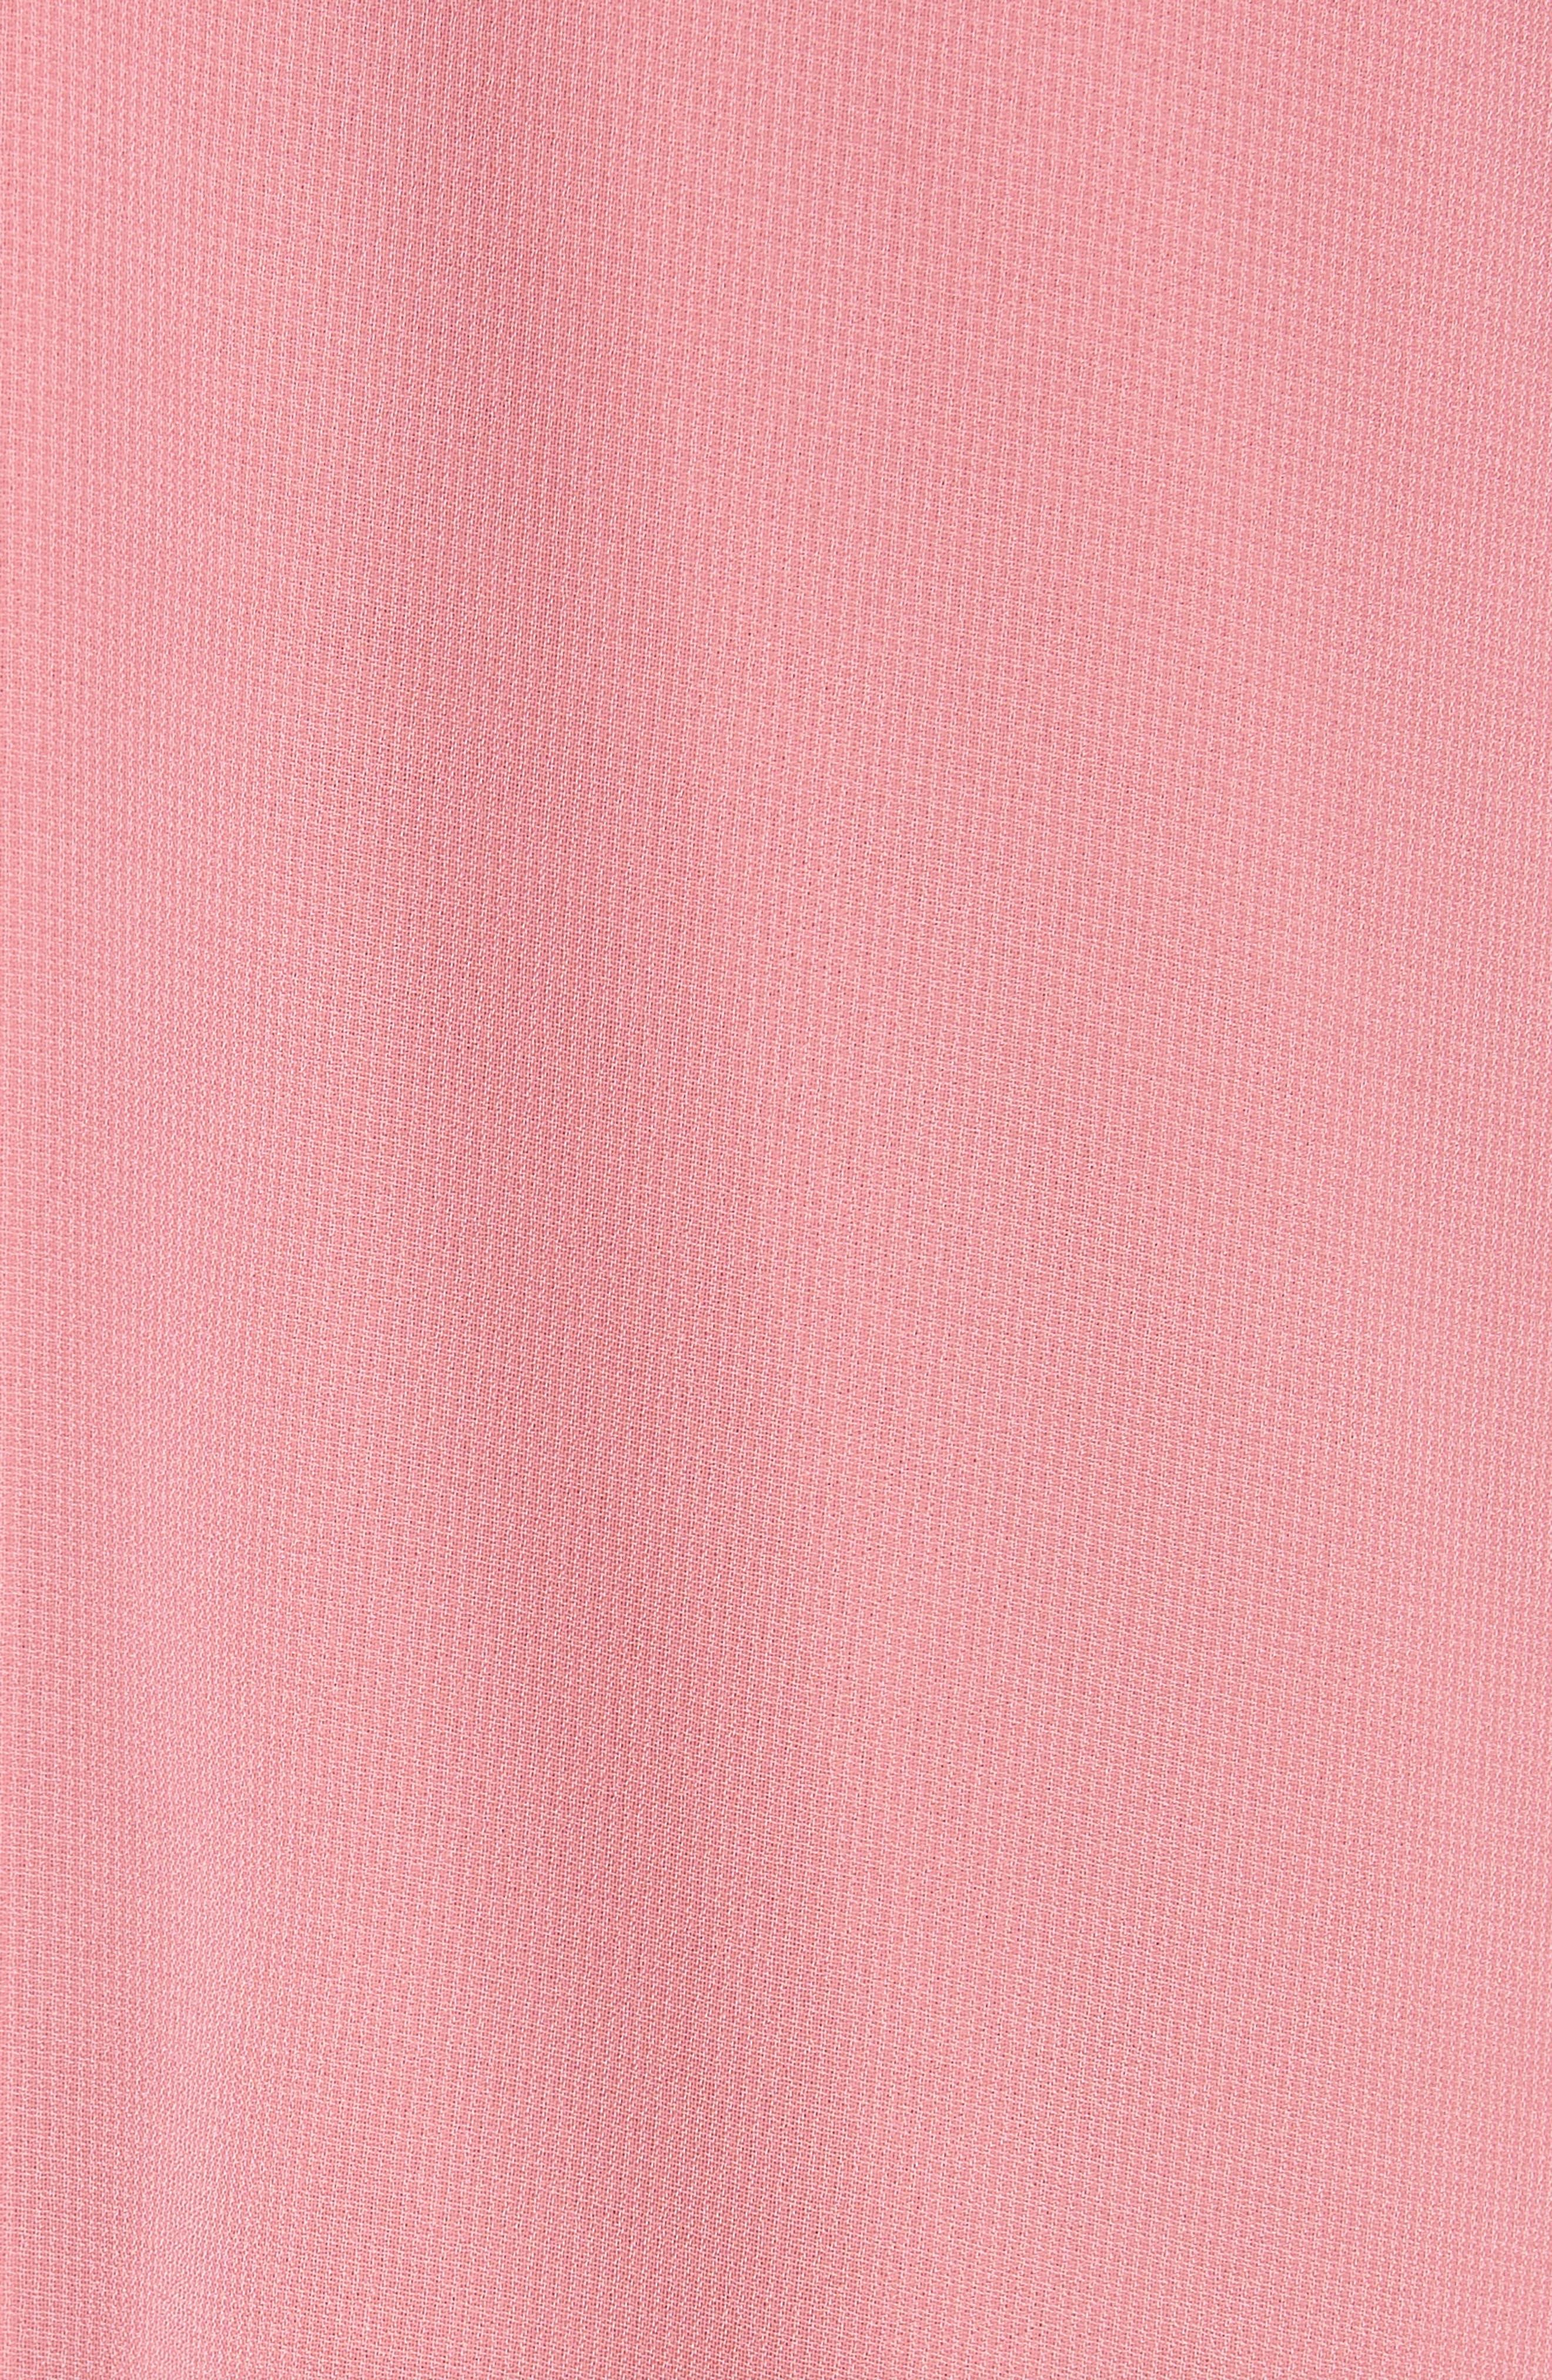 Ruffle Sleeve Shift Dress,                             Alternate thumbnail 19, color,